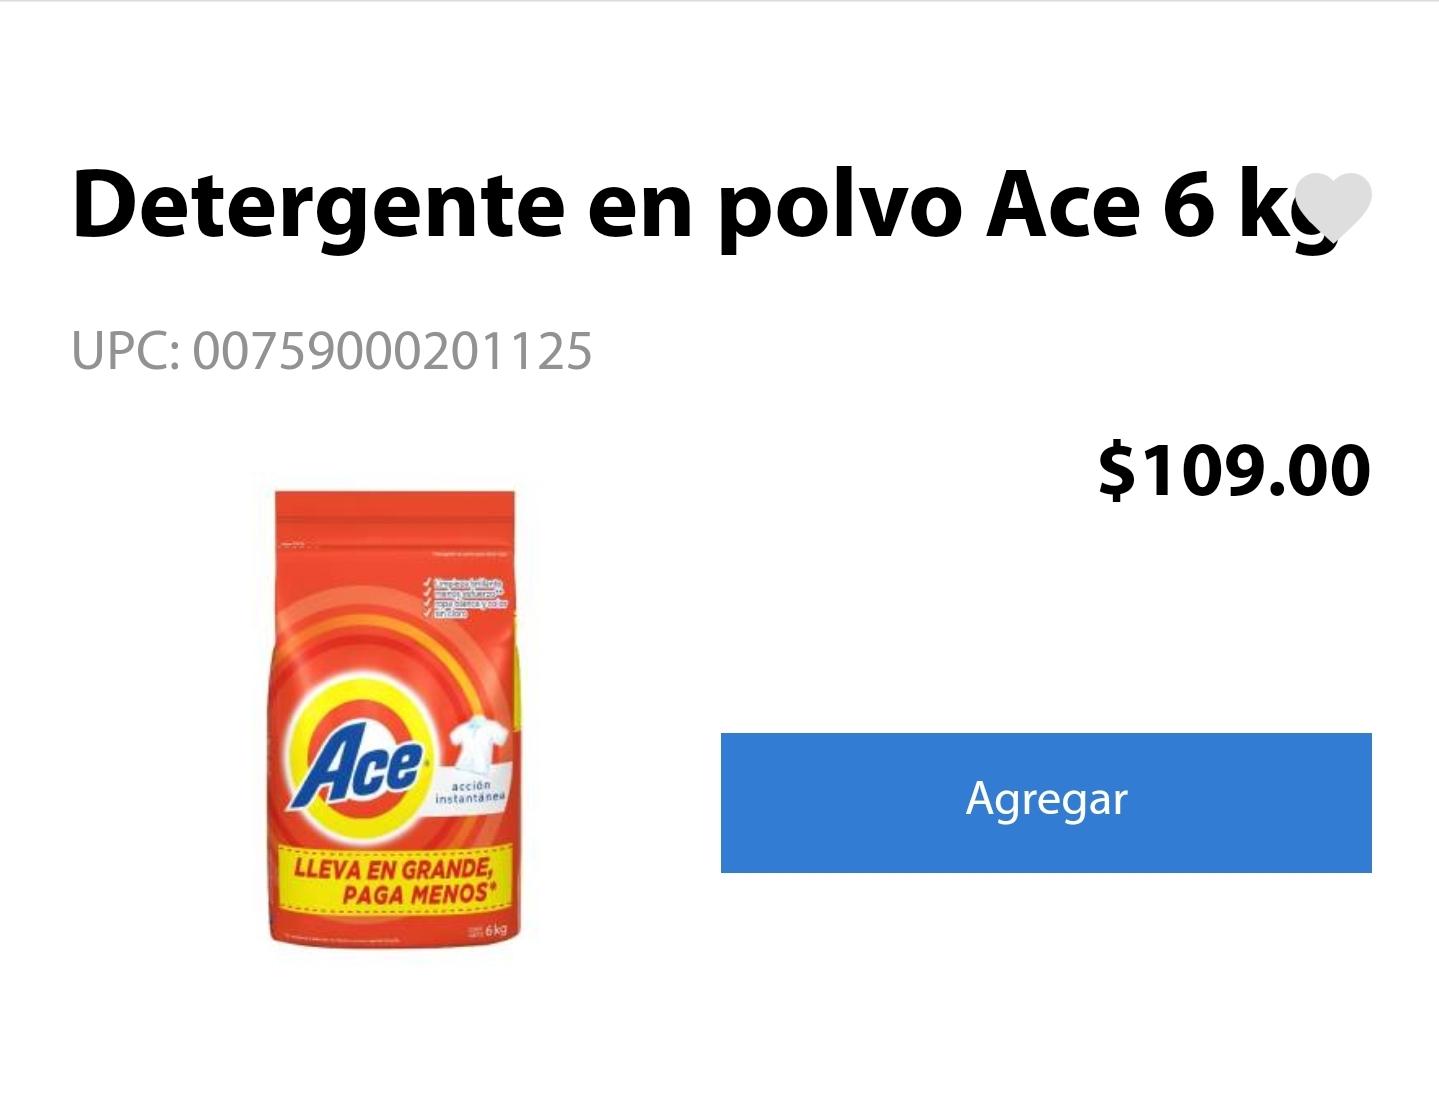 Walmart: Detergente Ace 6 kg $109